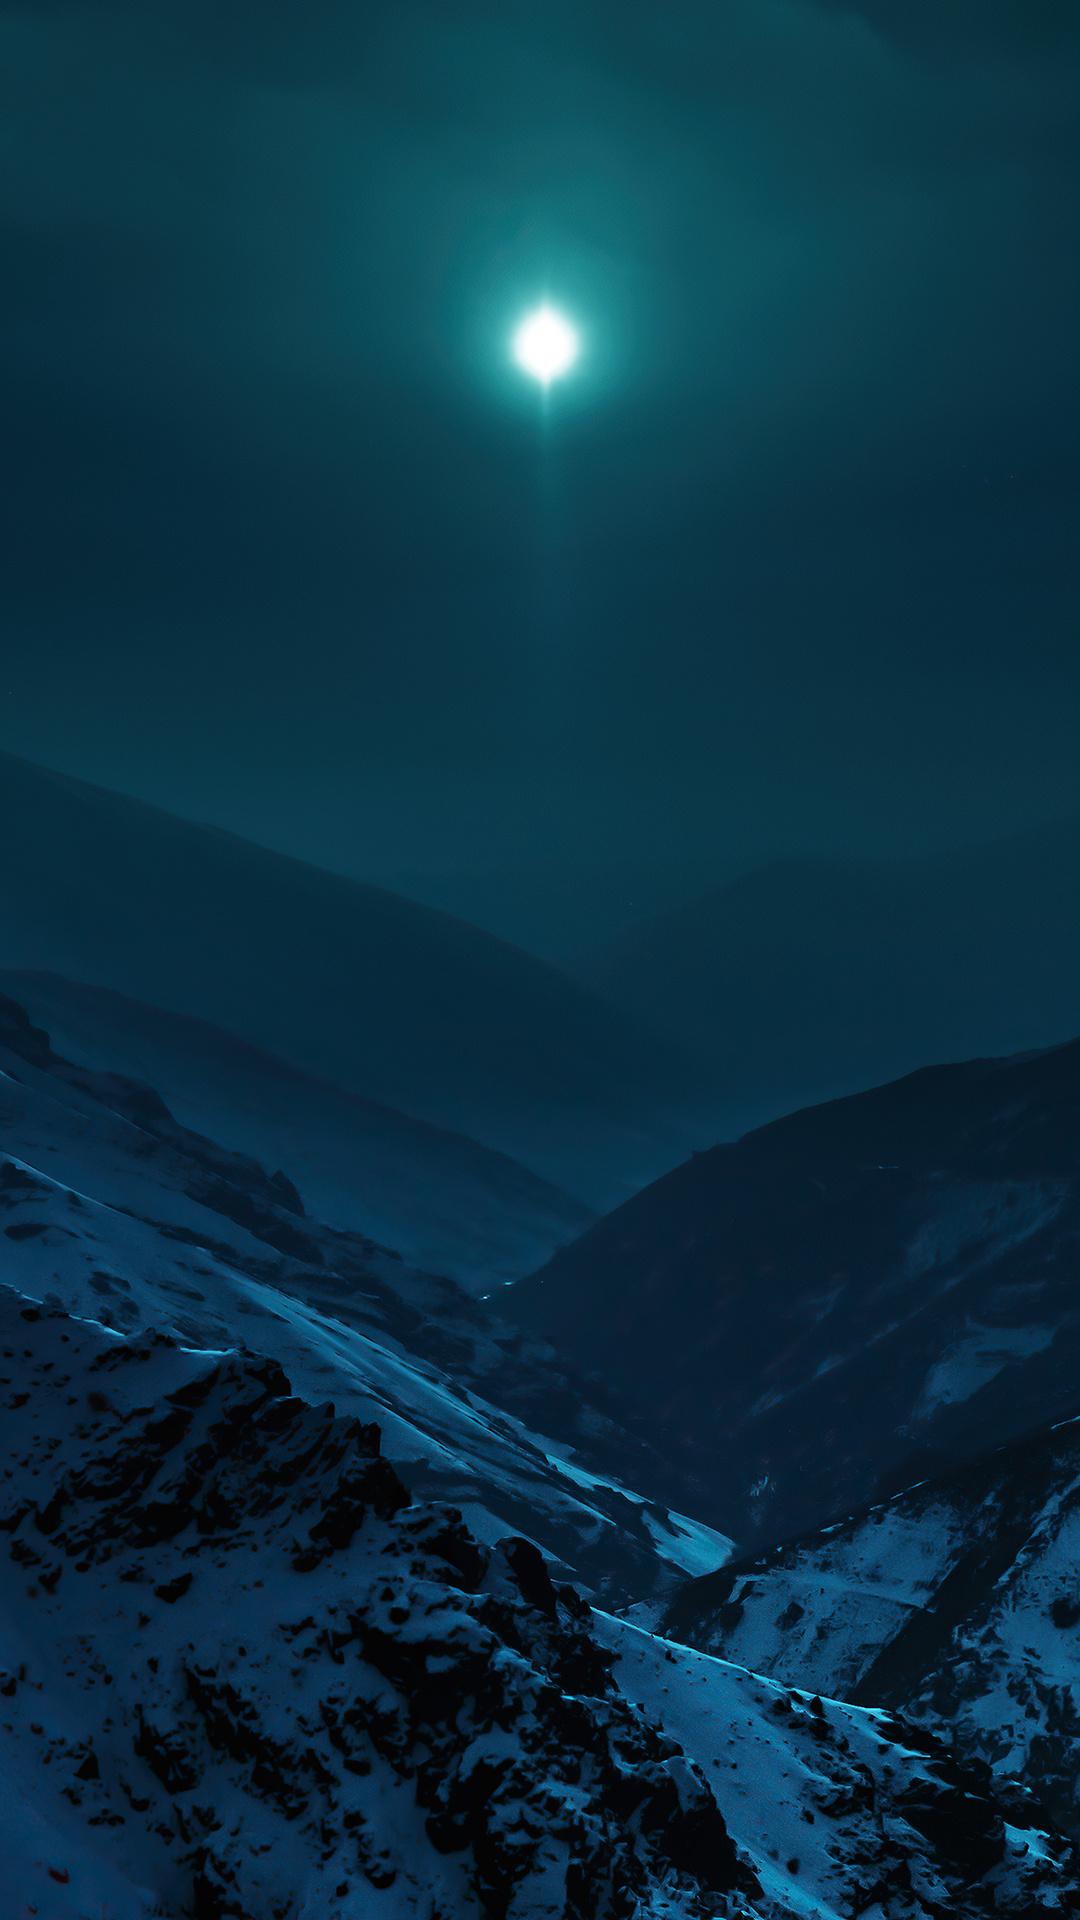 blue-moon-morning-5k-84.jpg